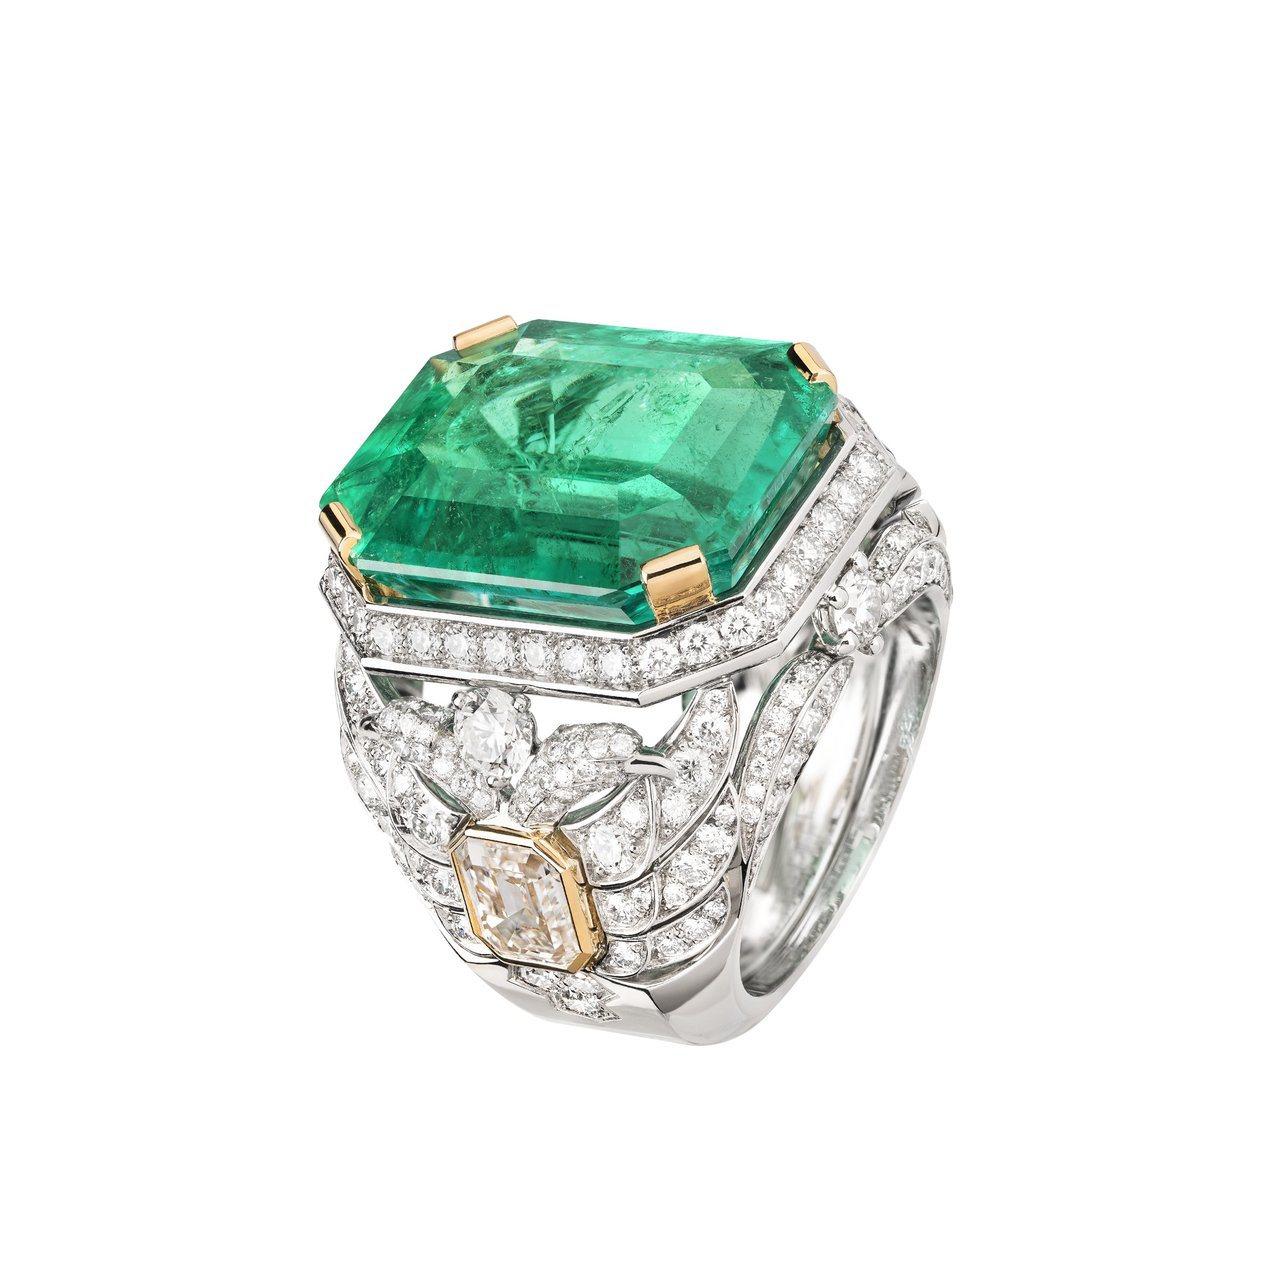 Aigle Cambon戒指,鑲嵌19.71克拉哥倫比亞祖母綠寶石,2,506萬...